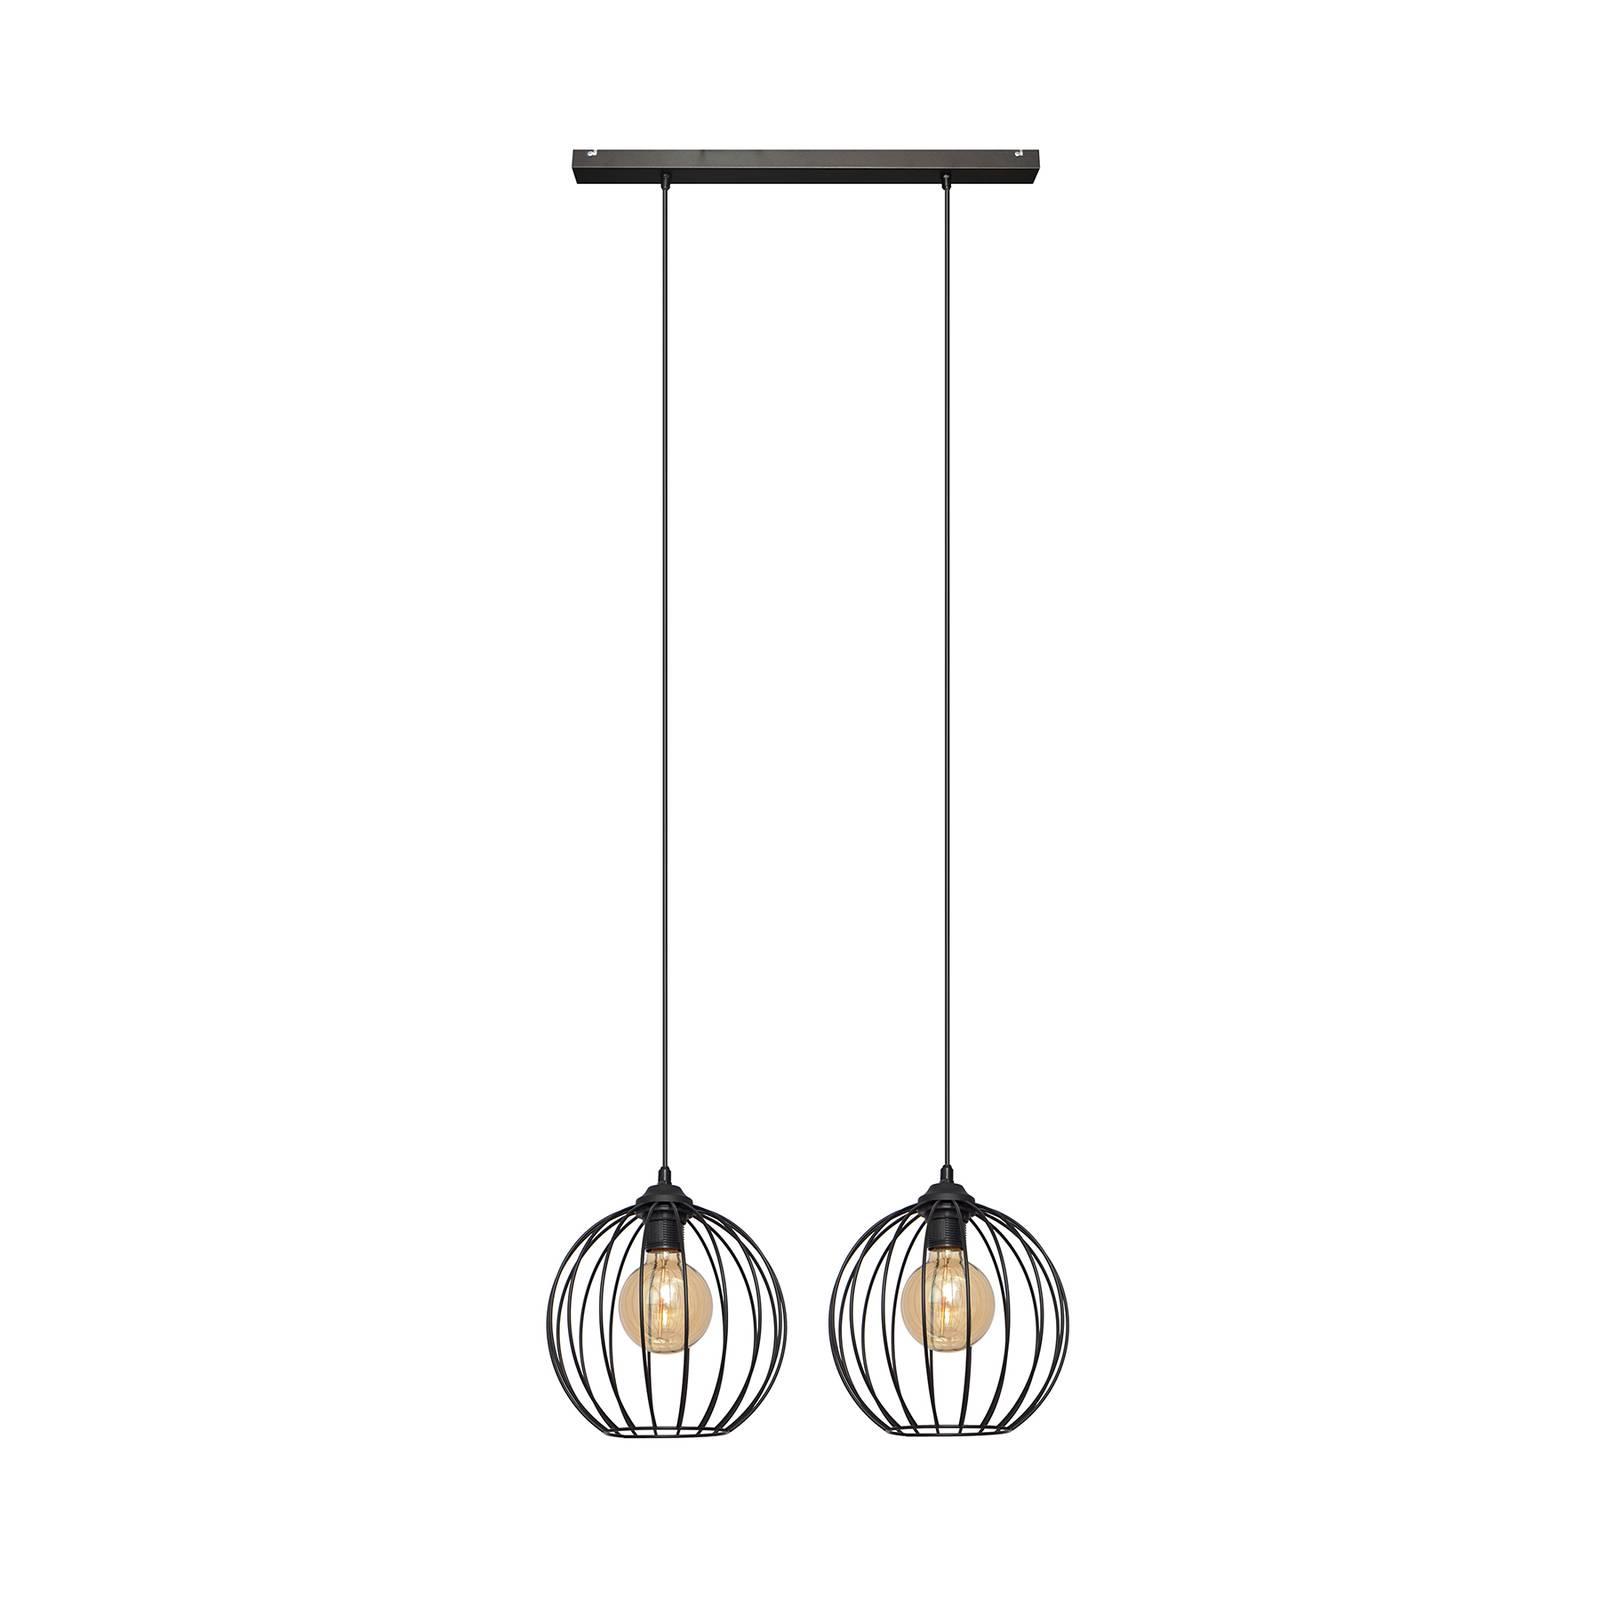 Riippuvalo Cumera 2-lamppuinen, varjostin - Ø24 cm